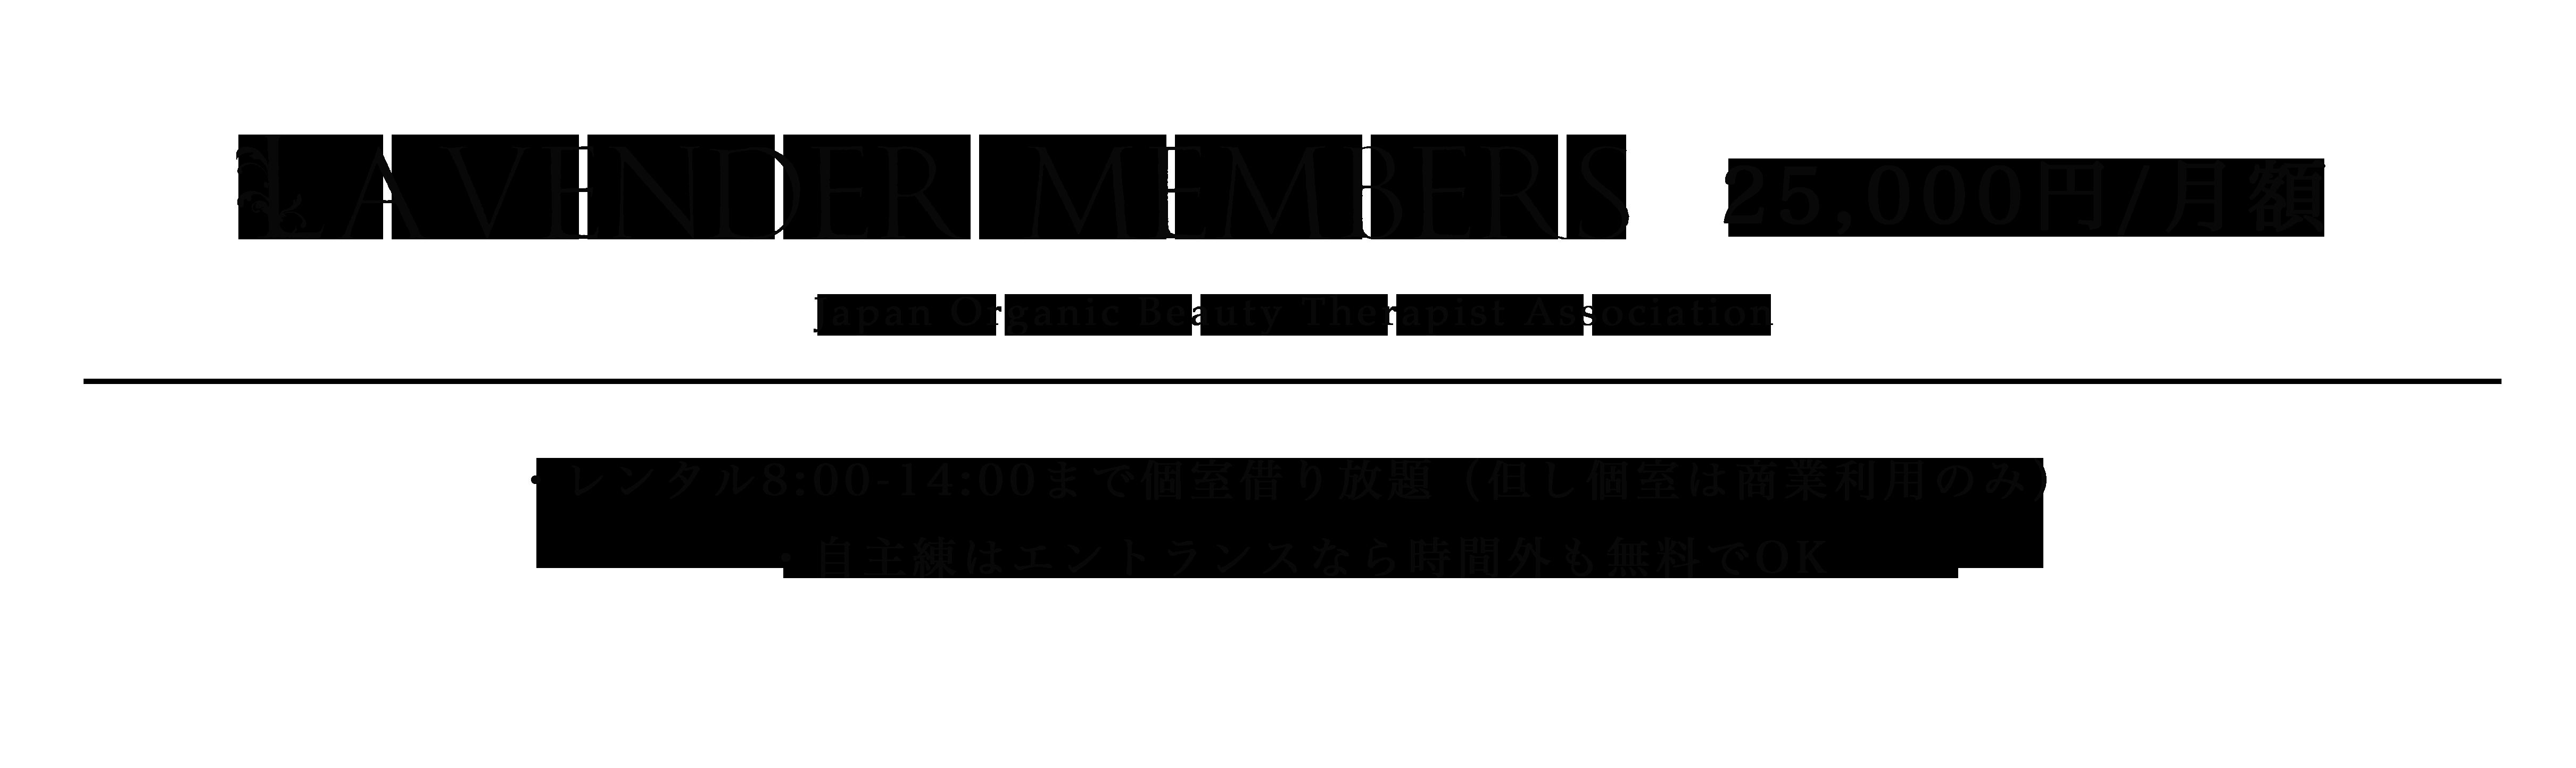 Lavender members